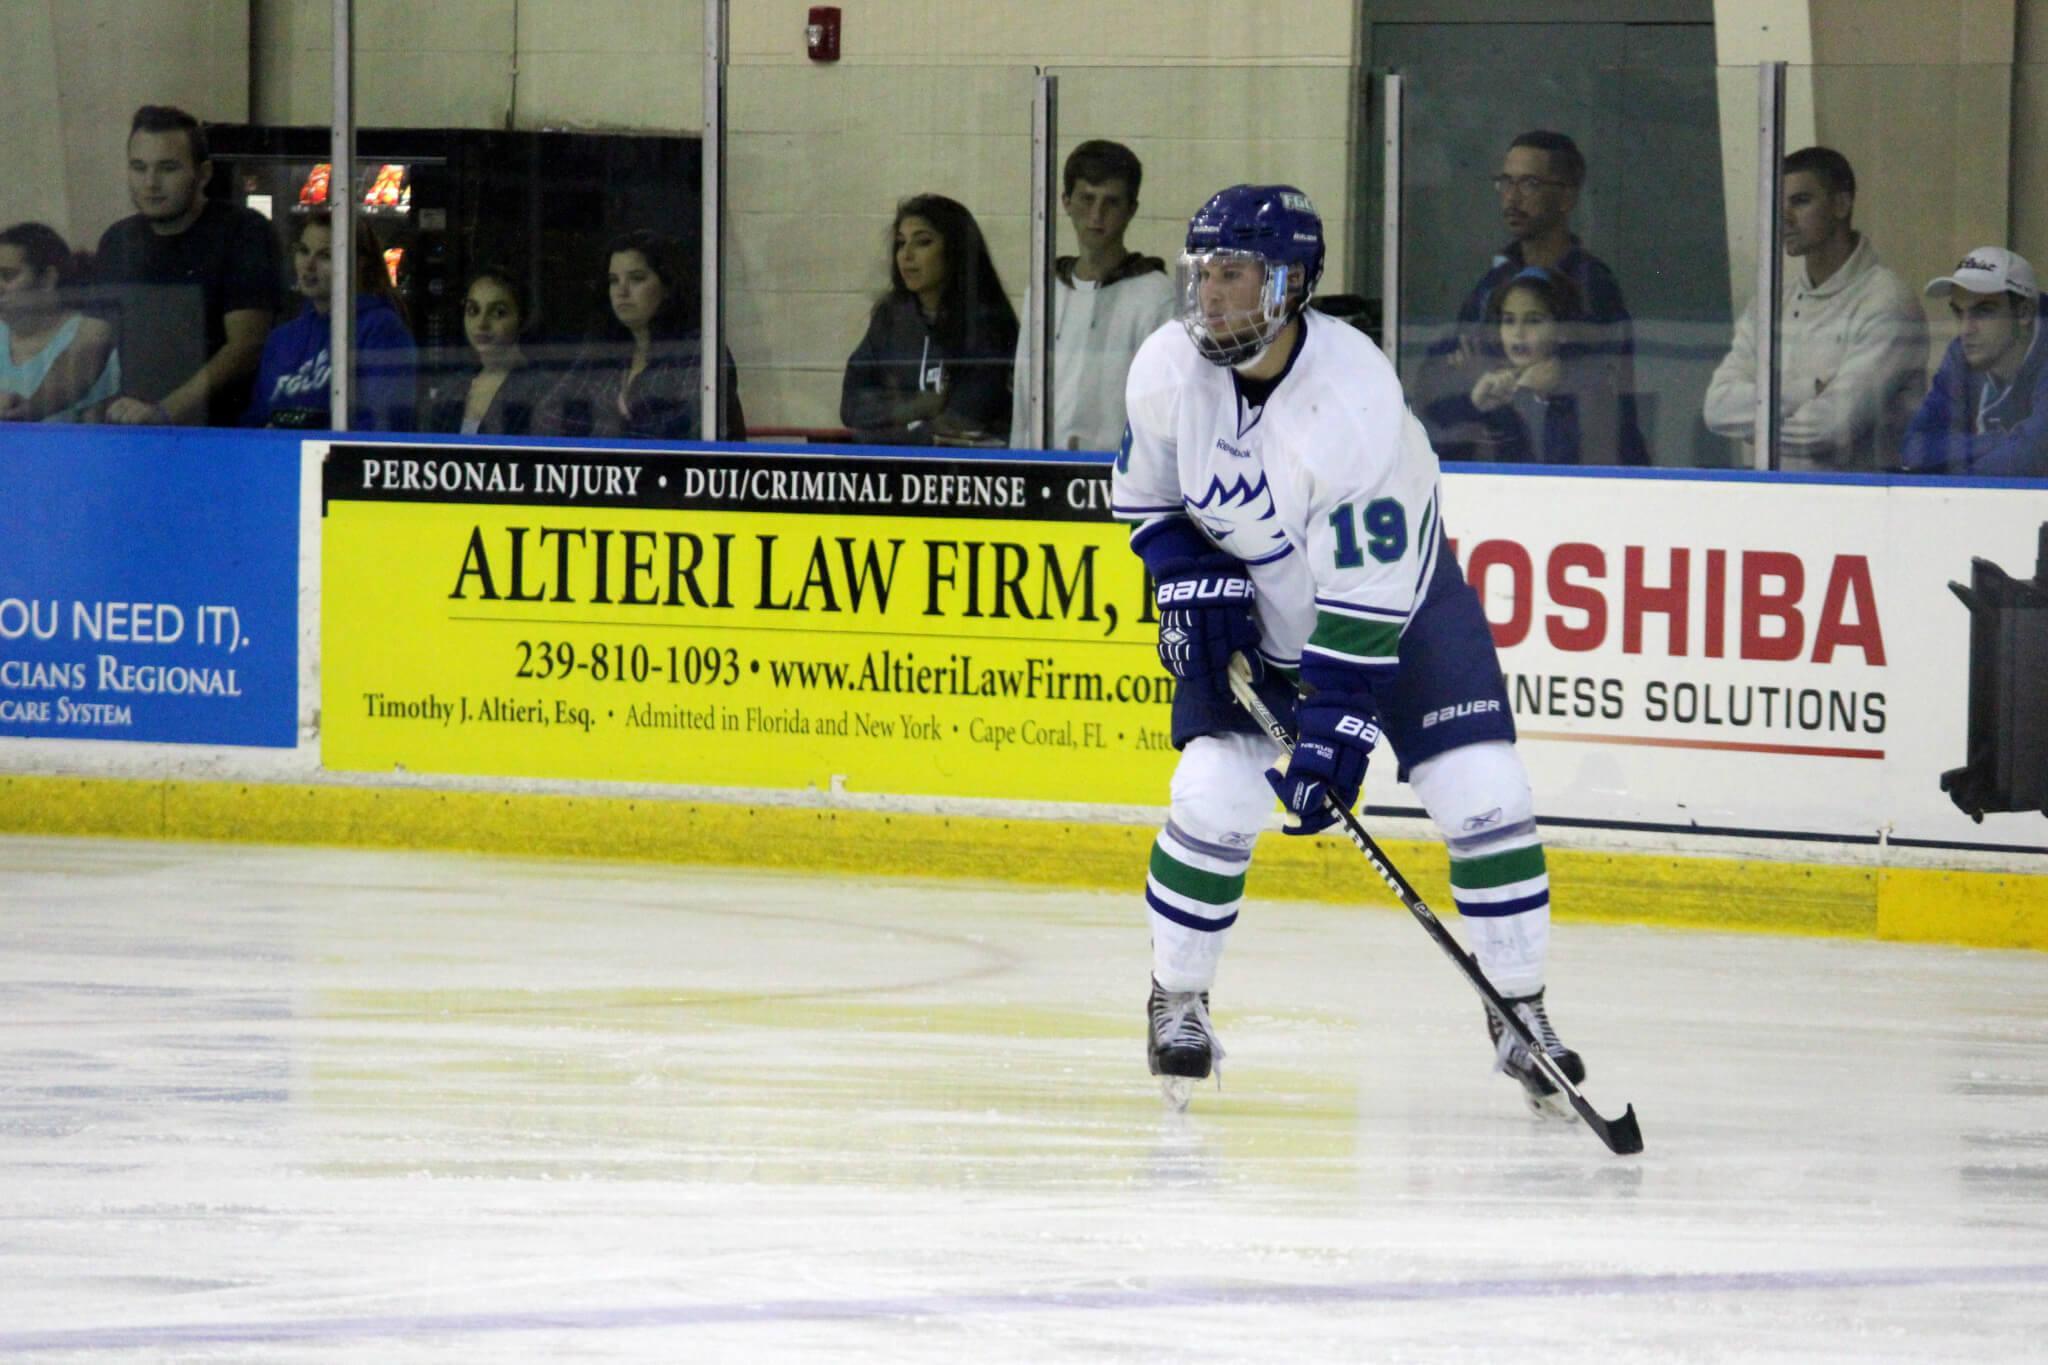 FGCU DII hockey completes weekend sweep of Merrimack